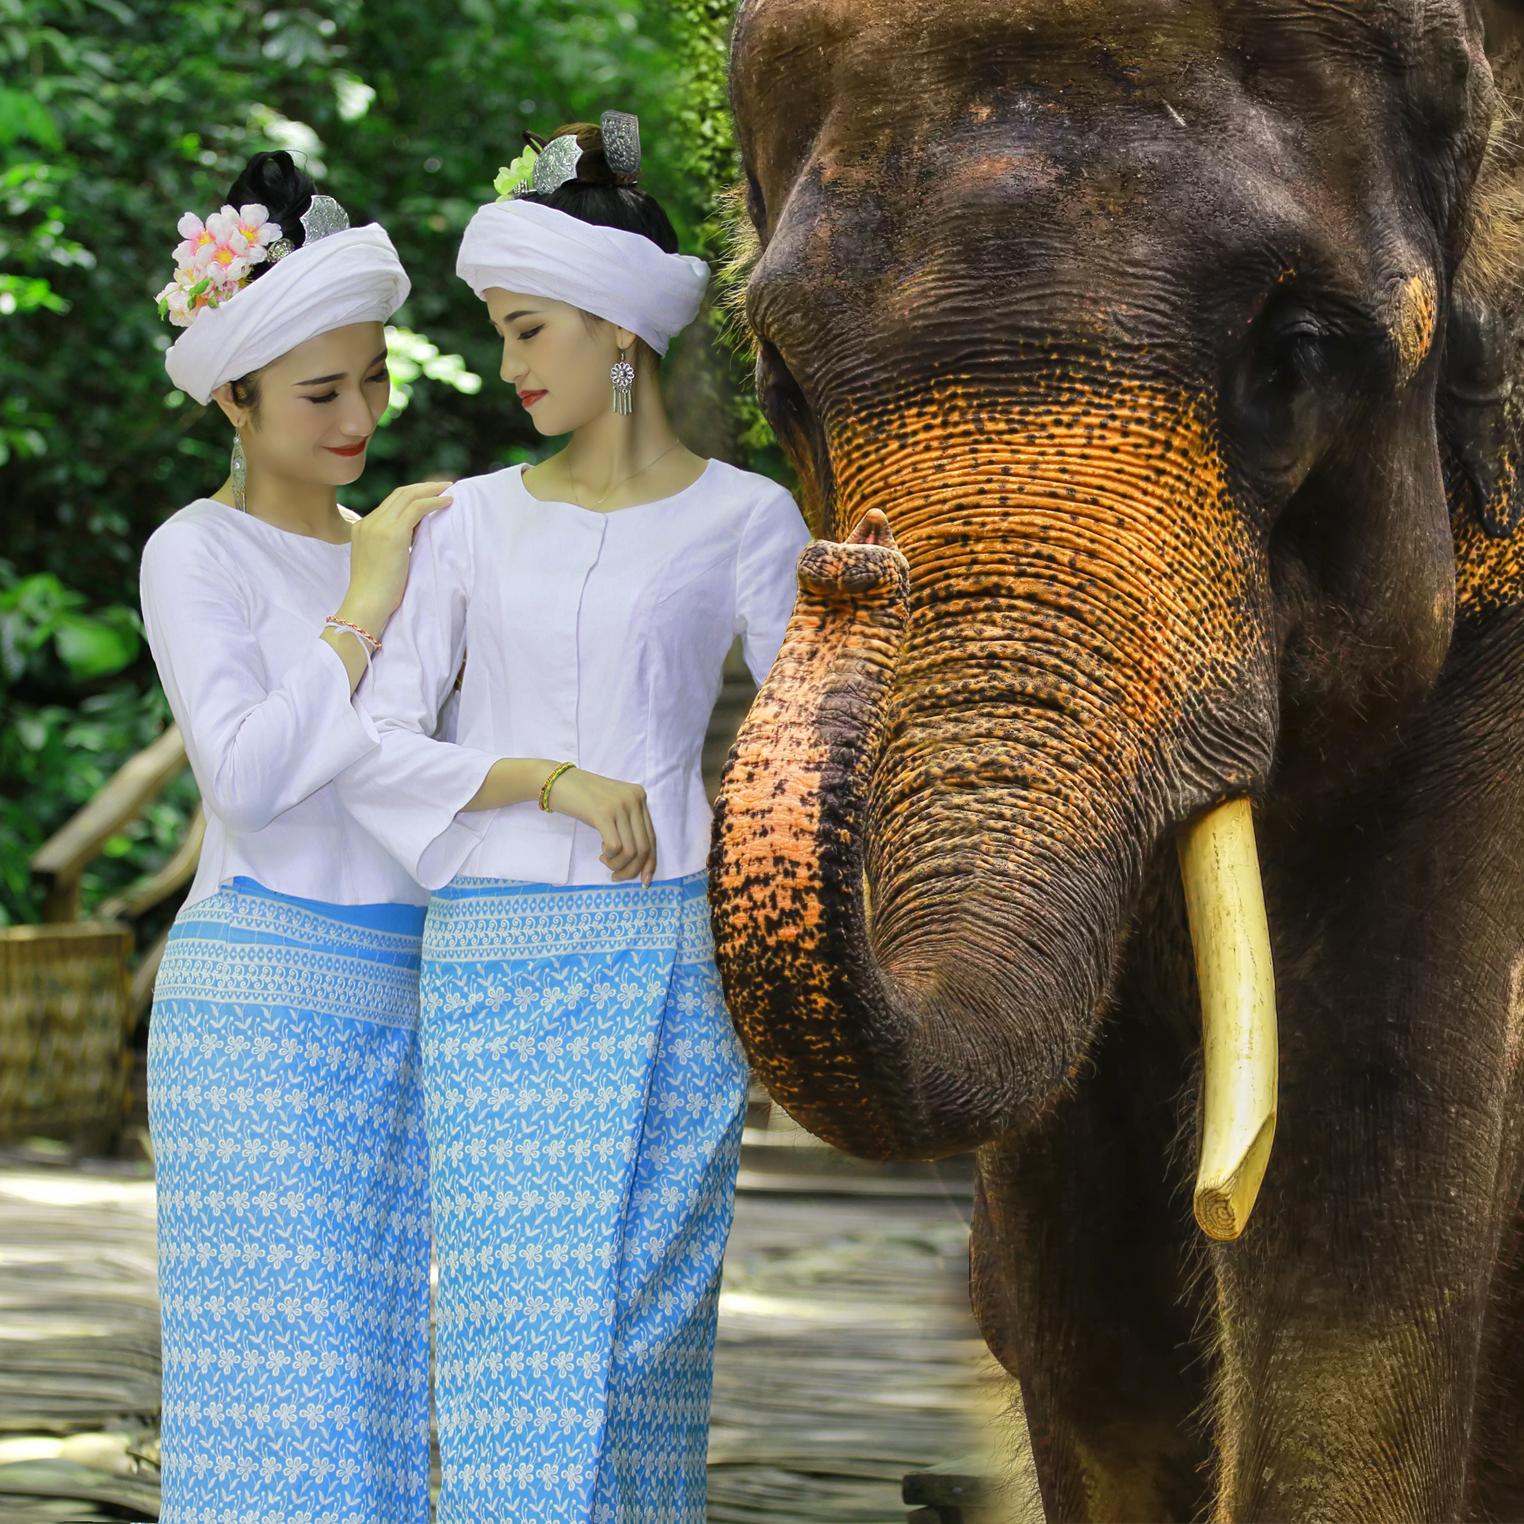 云南旅游西双版纳野象谷、基诺山寨纯玩1日跟团游